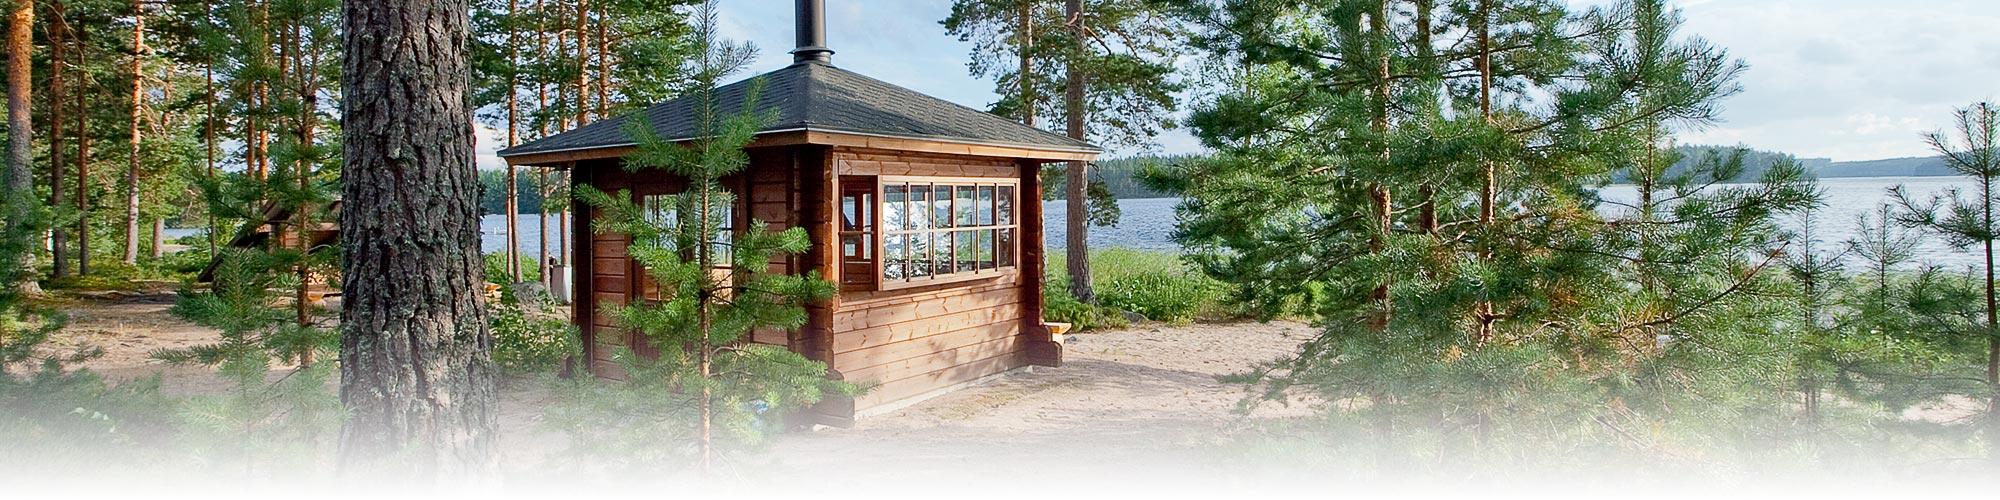 Tommolansalmi campsite barbecue hut